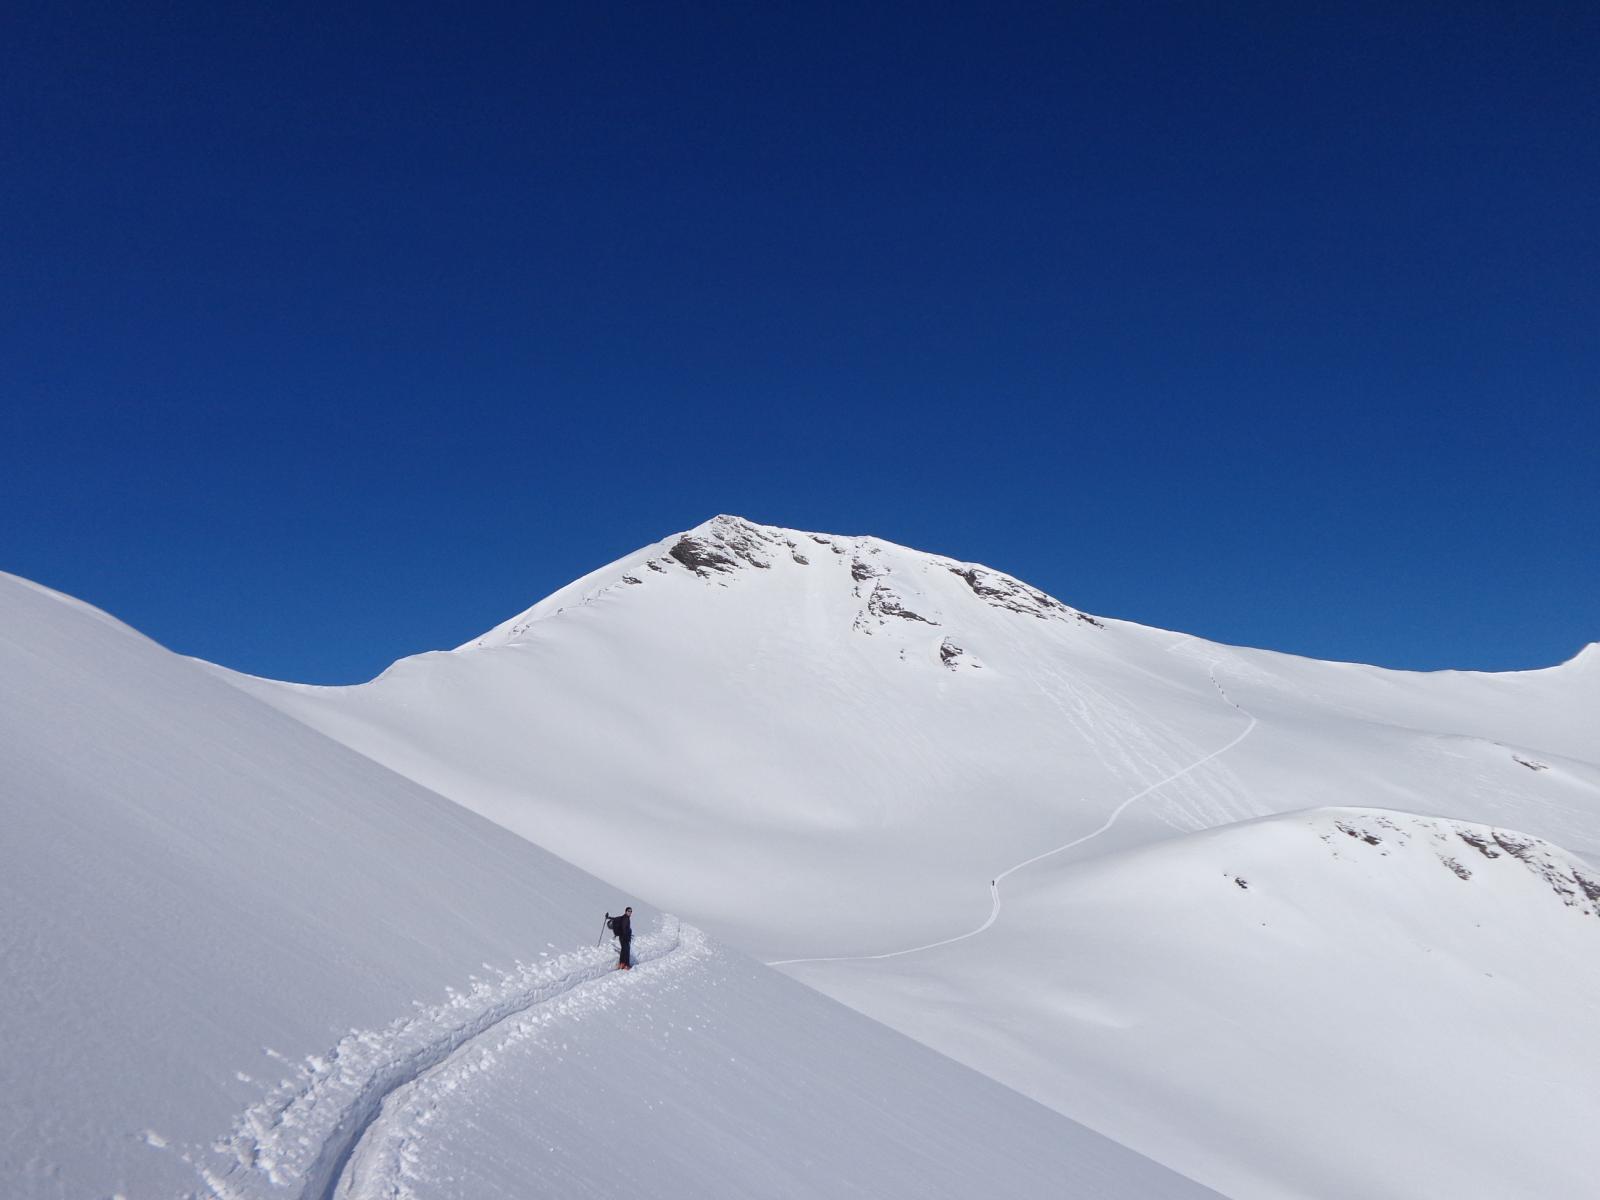 Barenhorn da Nufenen 2014-02-23